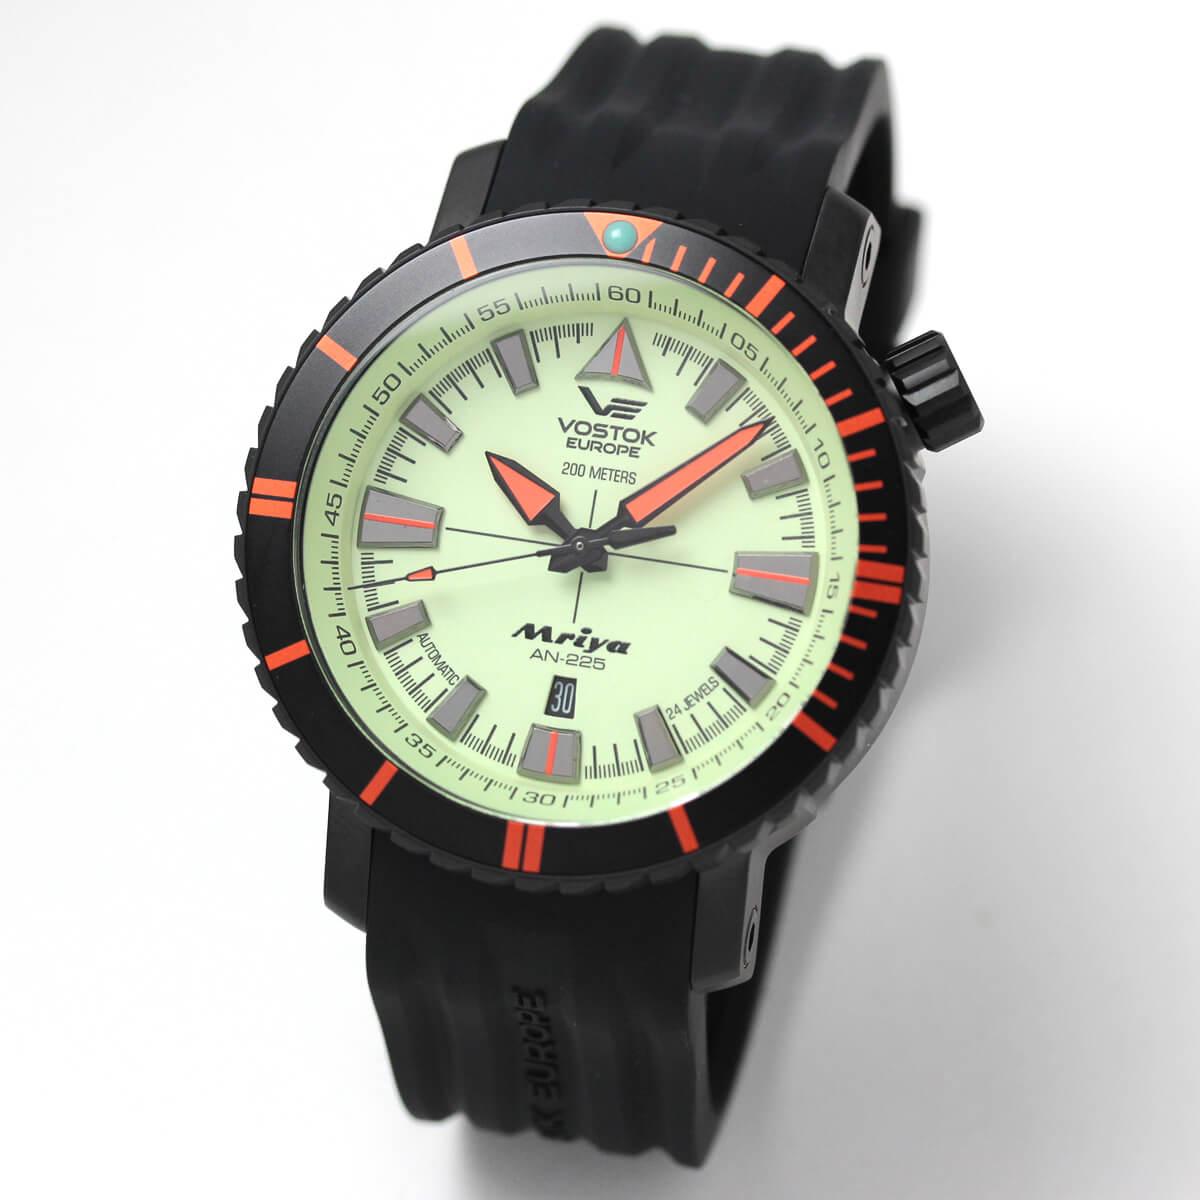 ボストーク・ヨーロッパ Mriya(ムリヤ) 自動巻き NH35A-5554234 腕時計